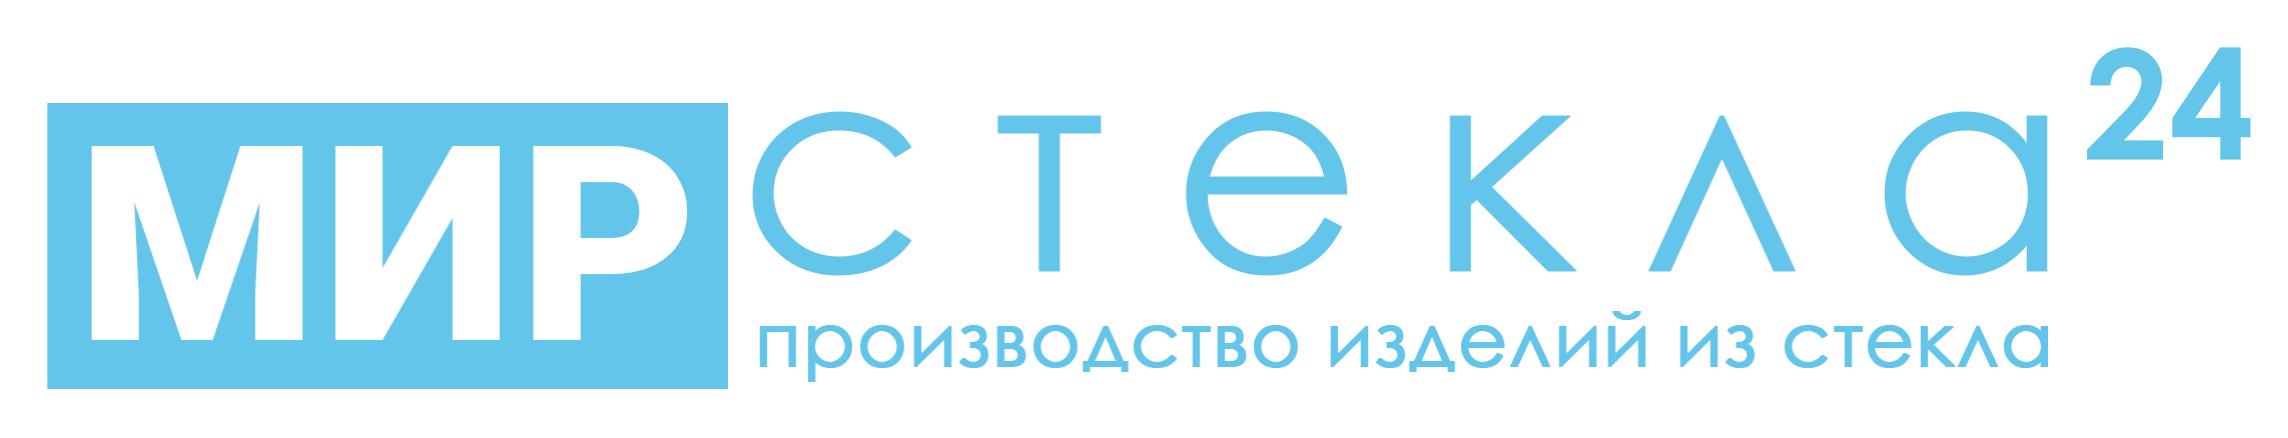 Душевые кабины на заказ в Москве